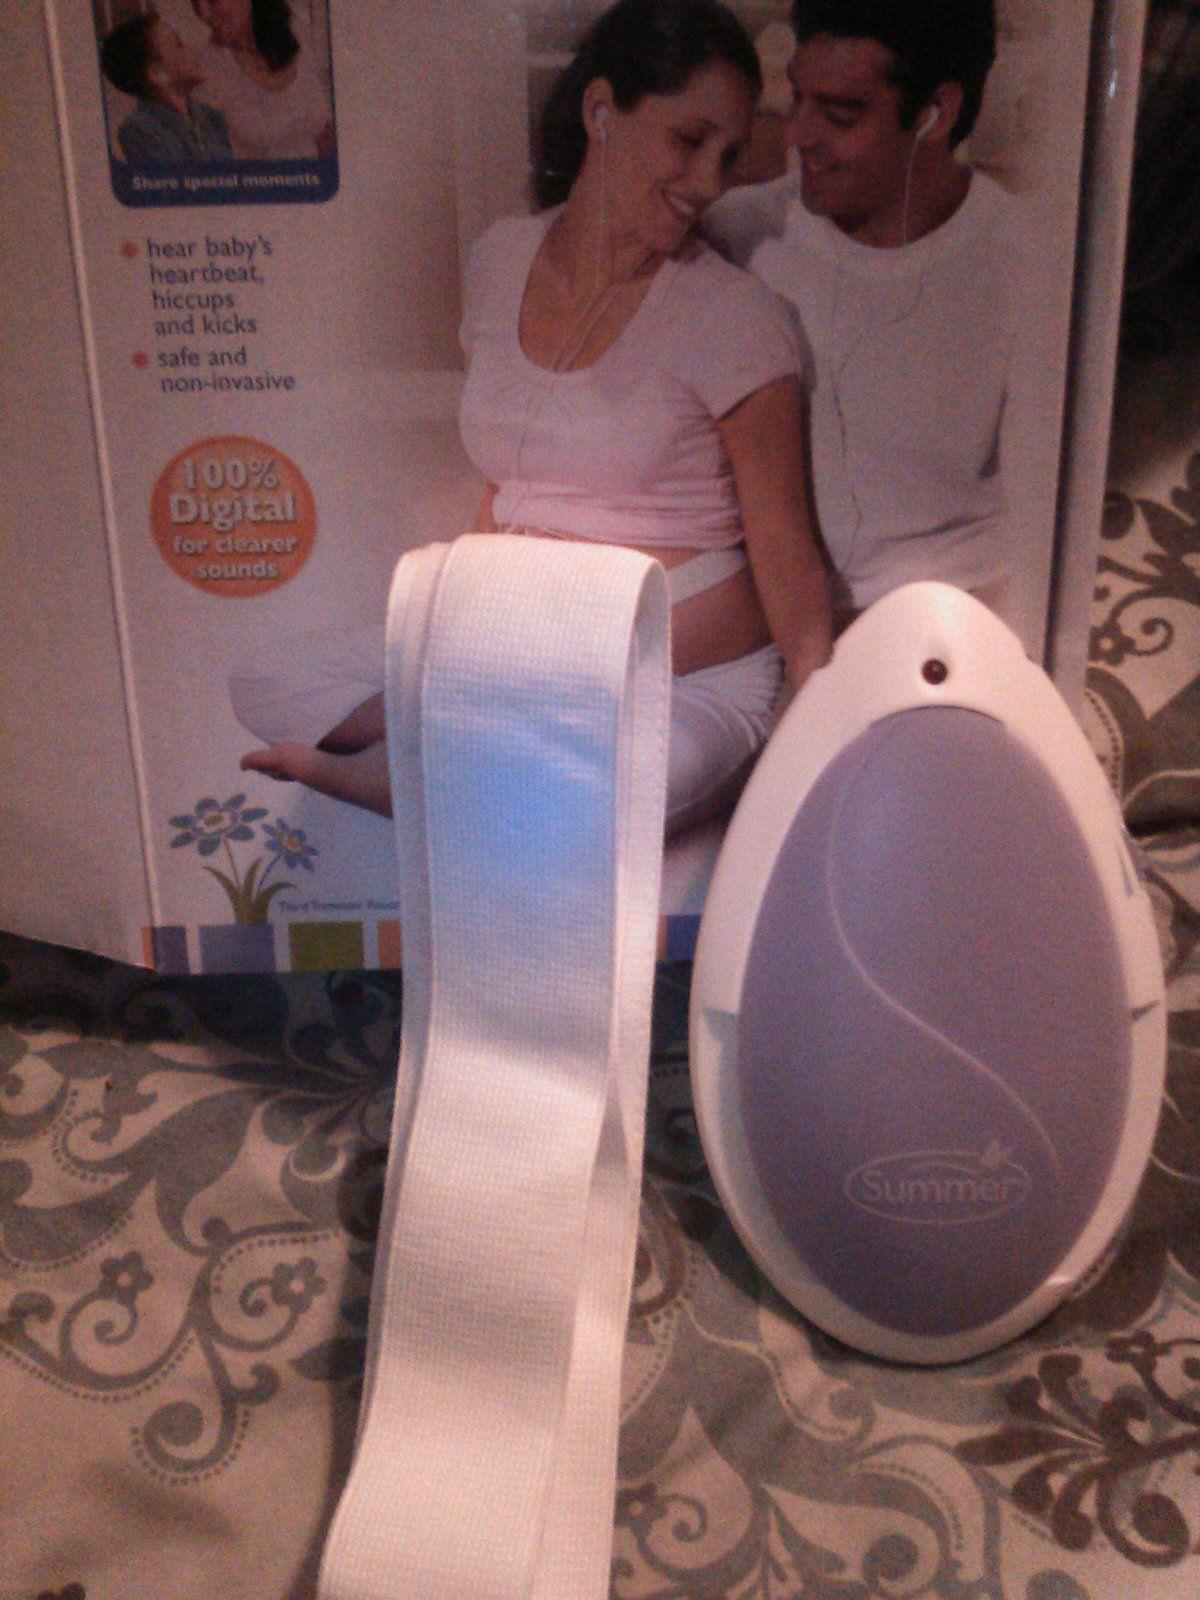 Digital prenatal listening system